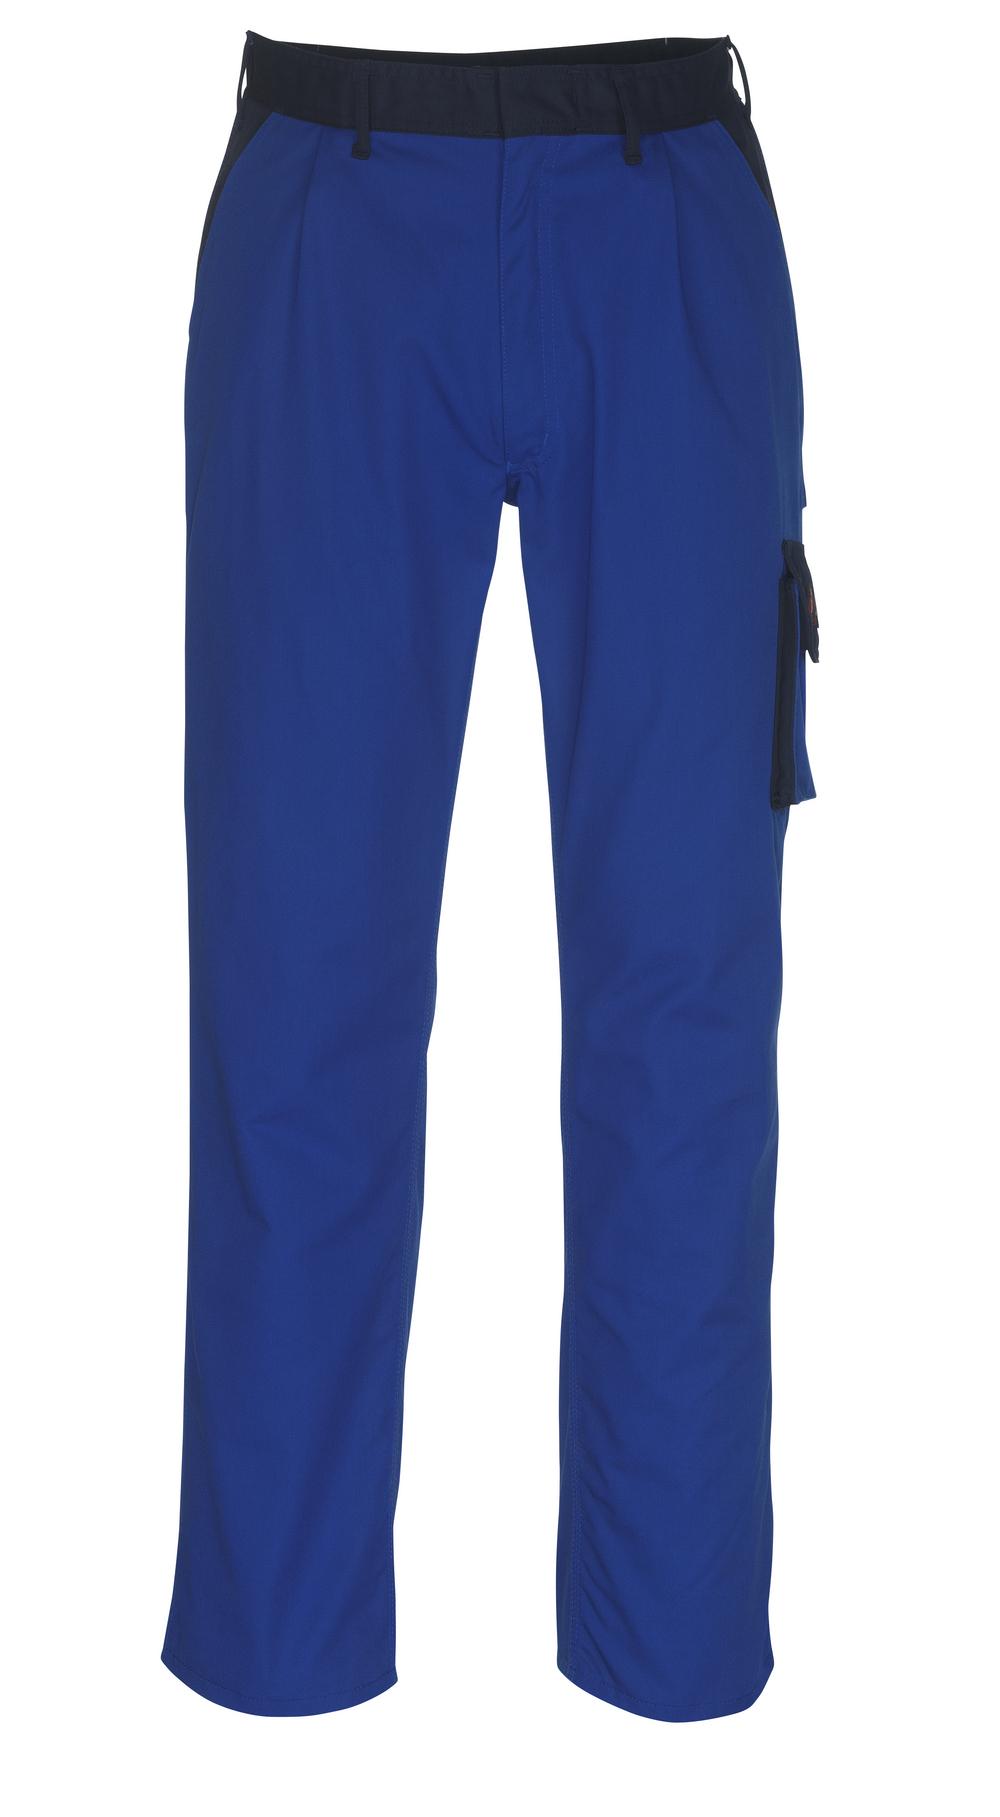 08779-442-1101 Hose mit Schenkeltaschen - Kornblau/Marine